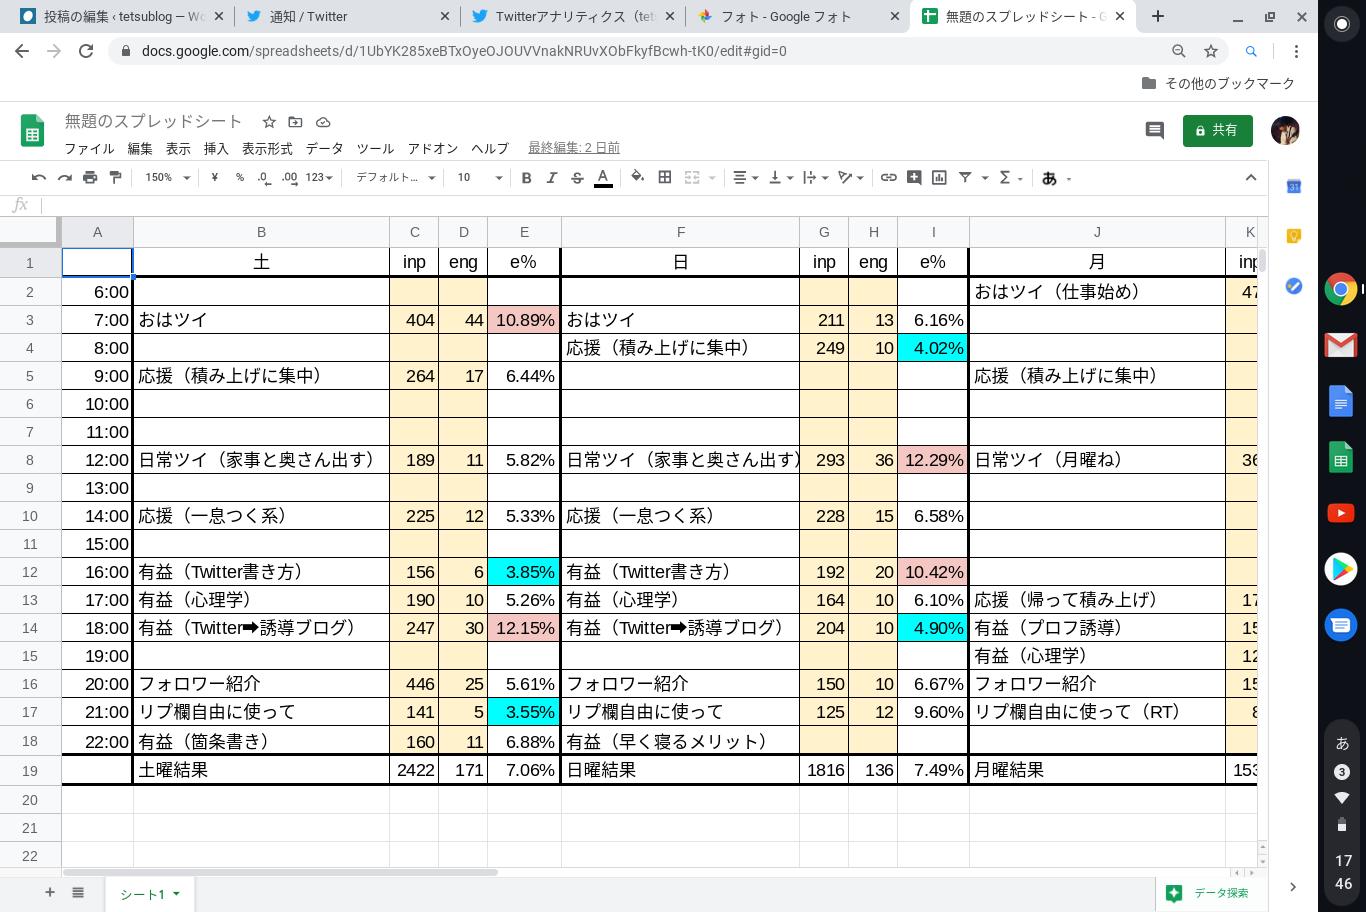 Screenshot-2020-05-13-at-17.46.06